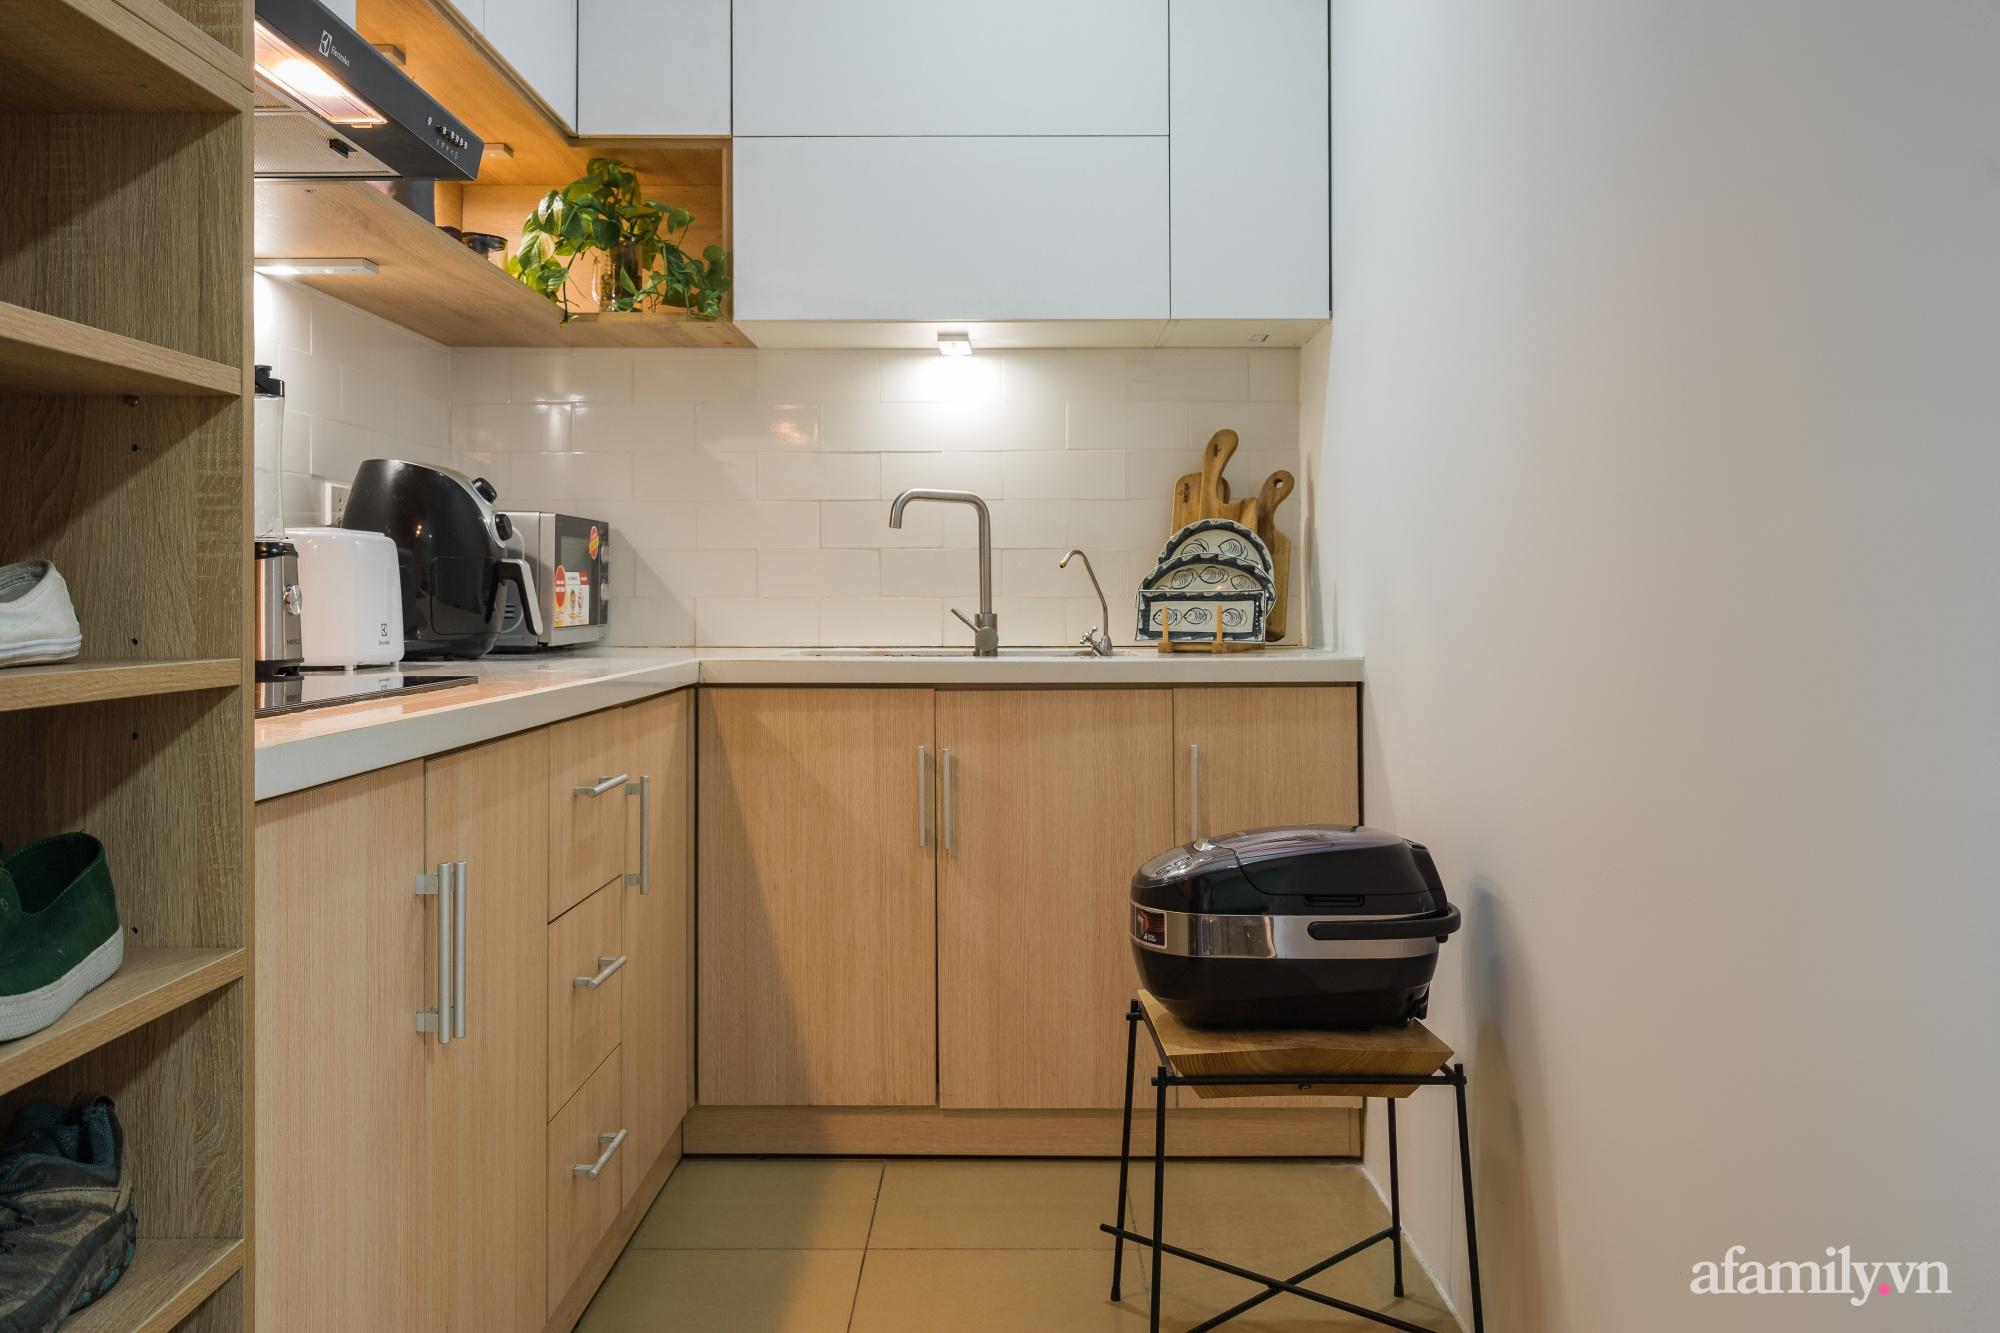 Căn hộ 60m² hoàn thiện nội thất tinh tế dành cho vợ chồng trẻ có chi phí 250 triệu đồng ở Hà Nội - Ảnh 17.